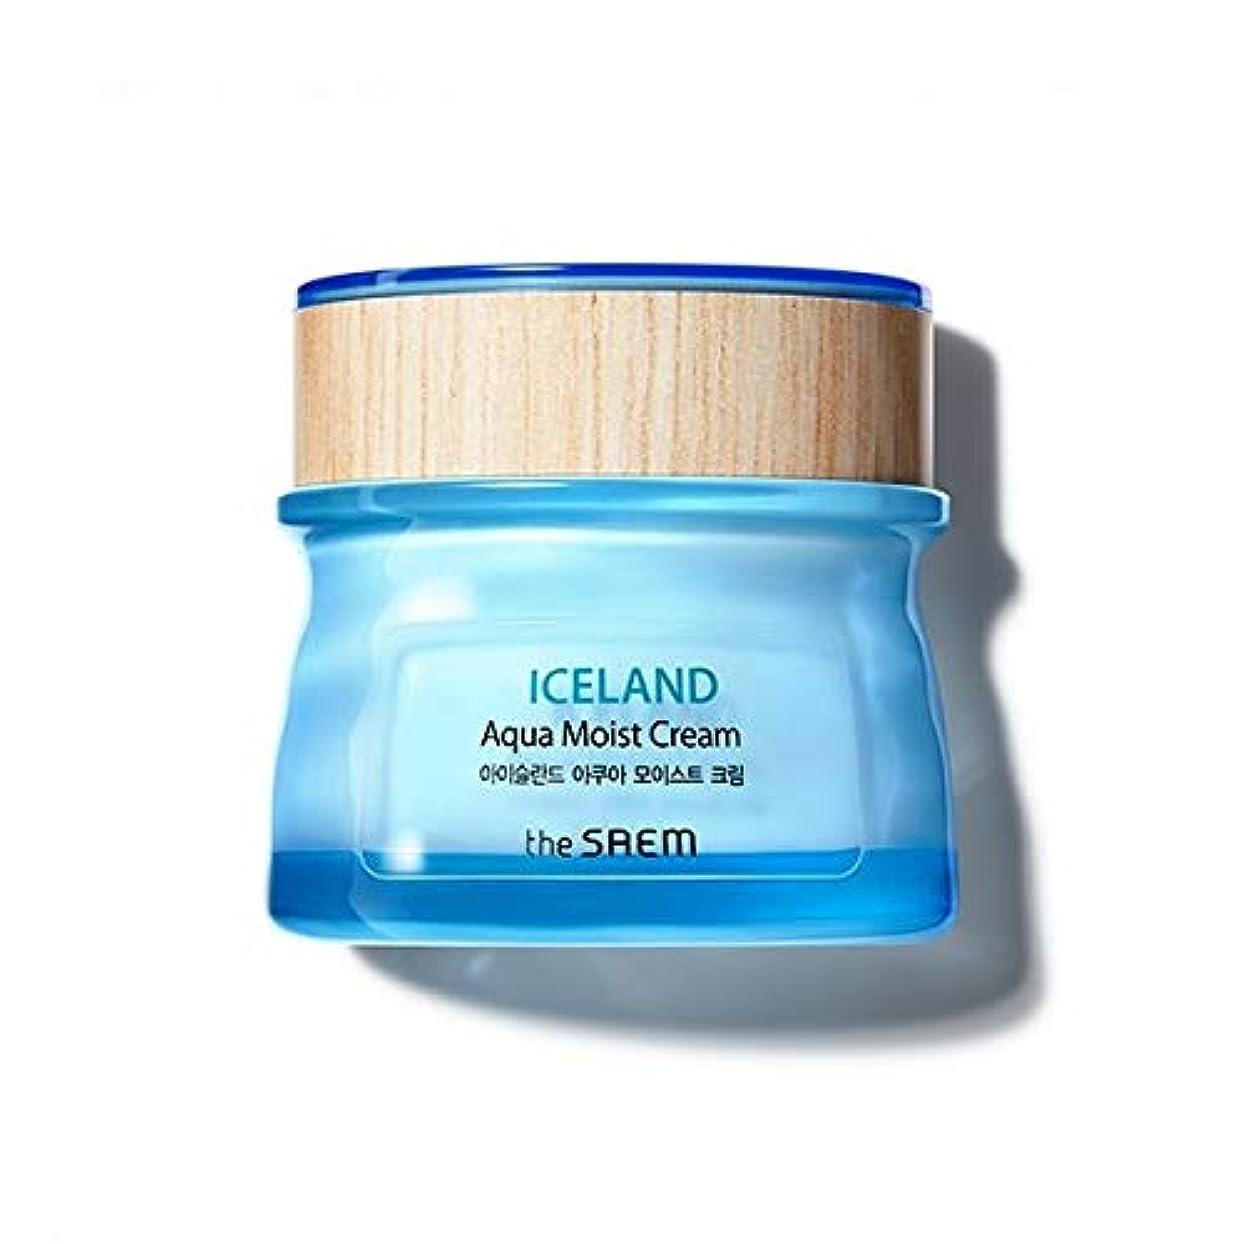 無力申請者一般The saem Iceland Apua Moist Cream ザセム アイスランド アクア モイスト クリーム 60ml [並行輸入品]